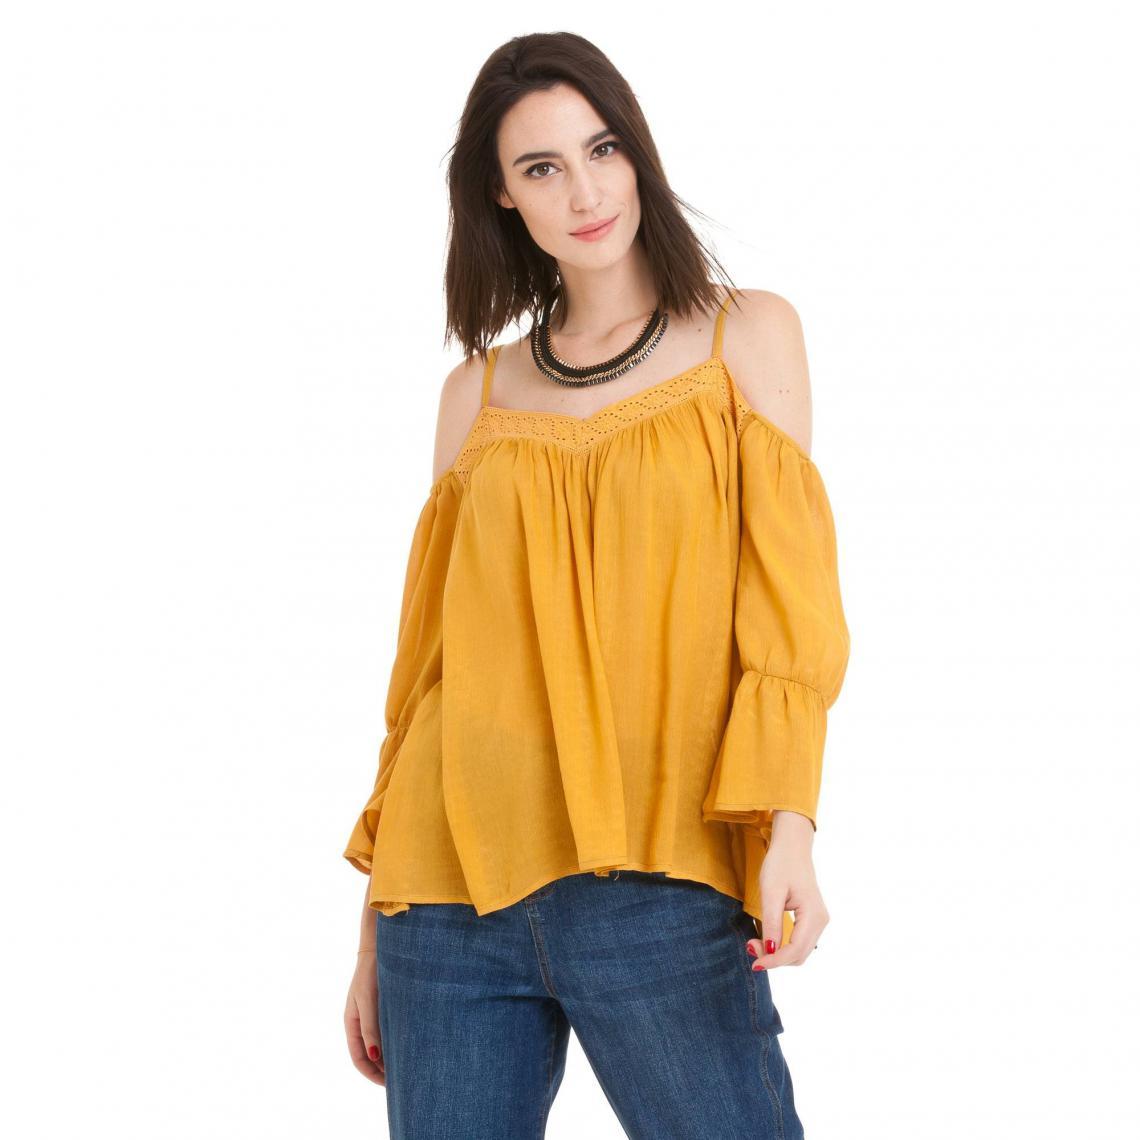 dessin de mode super populaire nouvelles variétés Blouse folk fines bretelles femme - Orange | 3 SUISSES